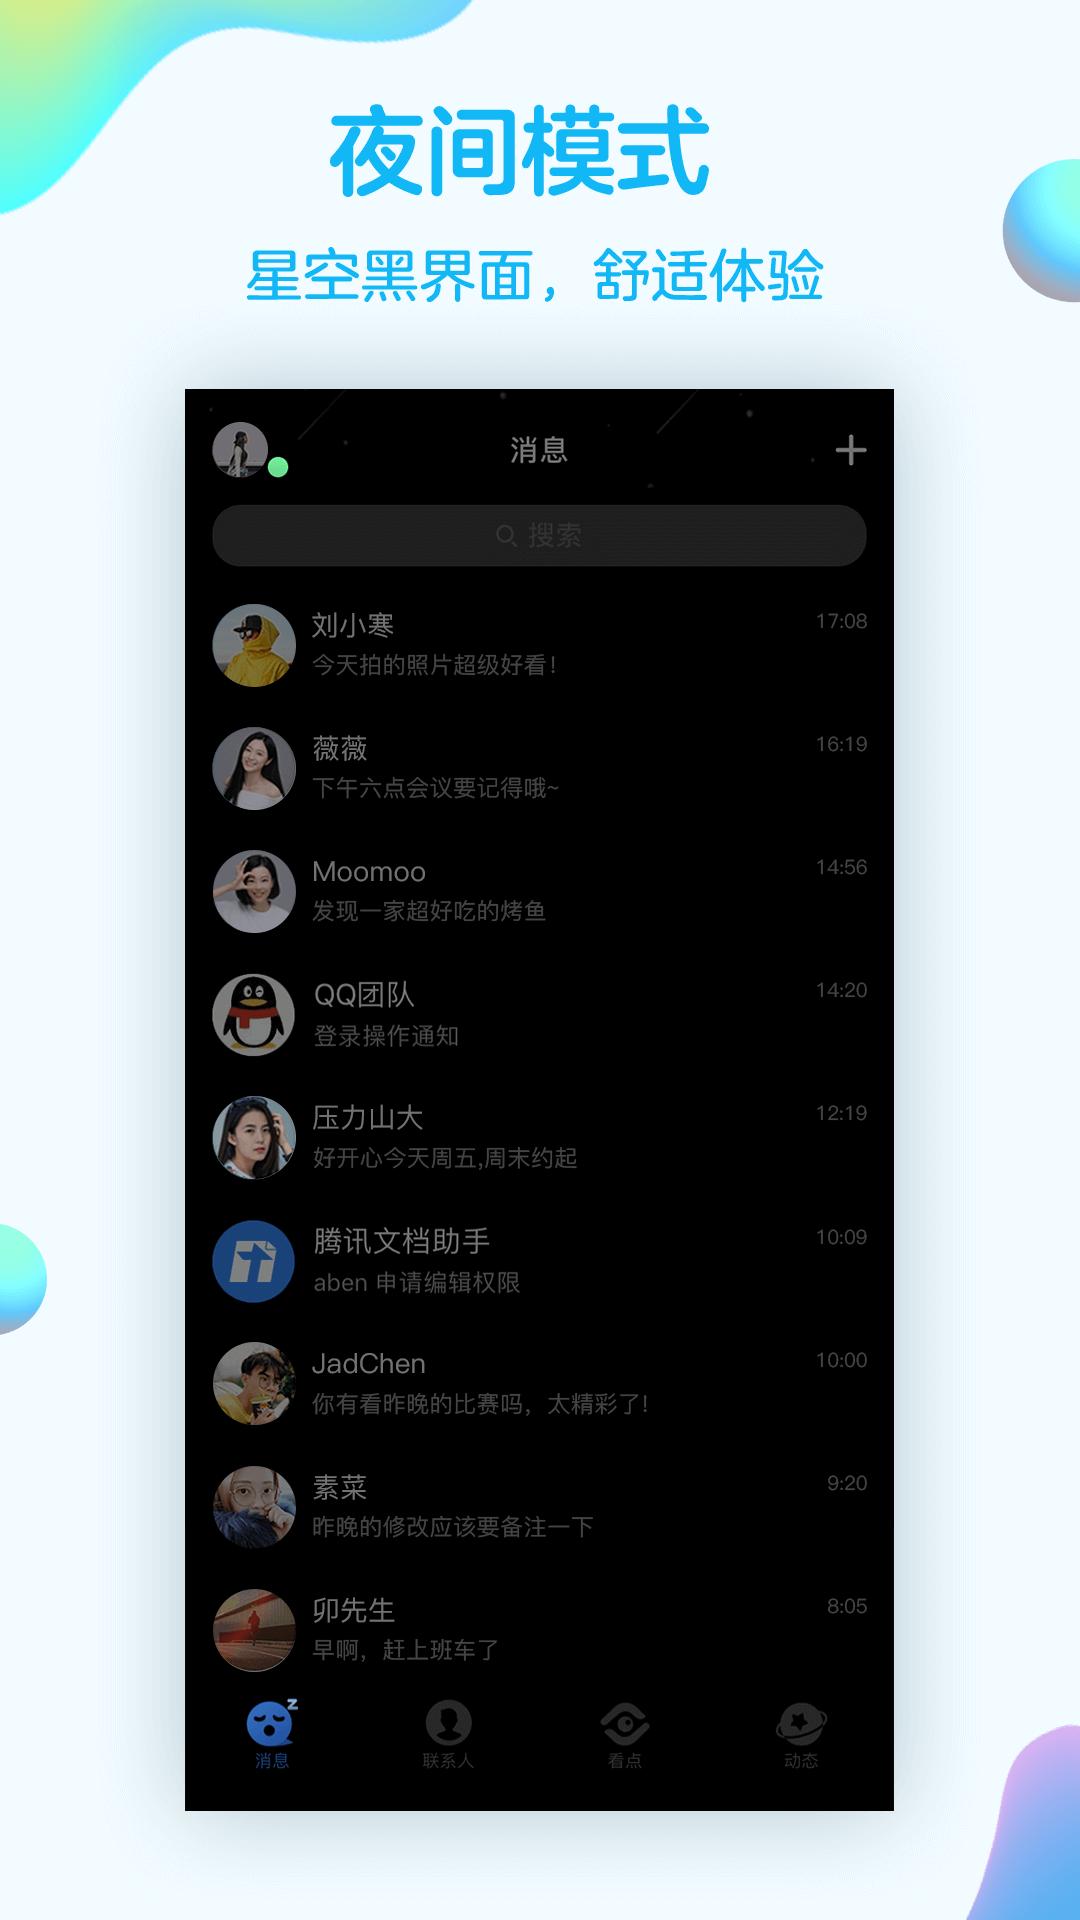 QQ截图(4)